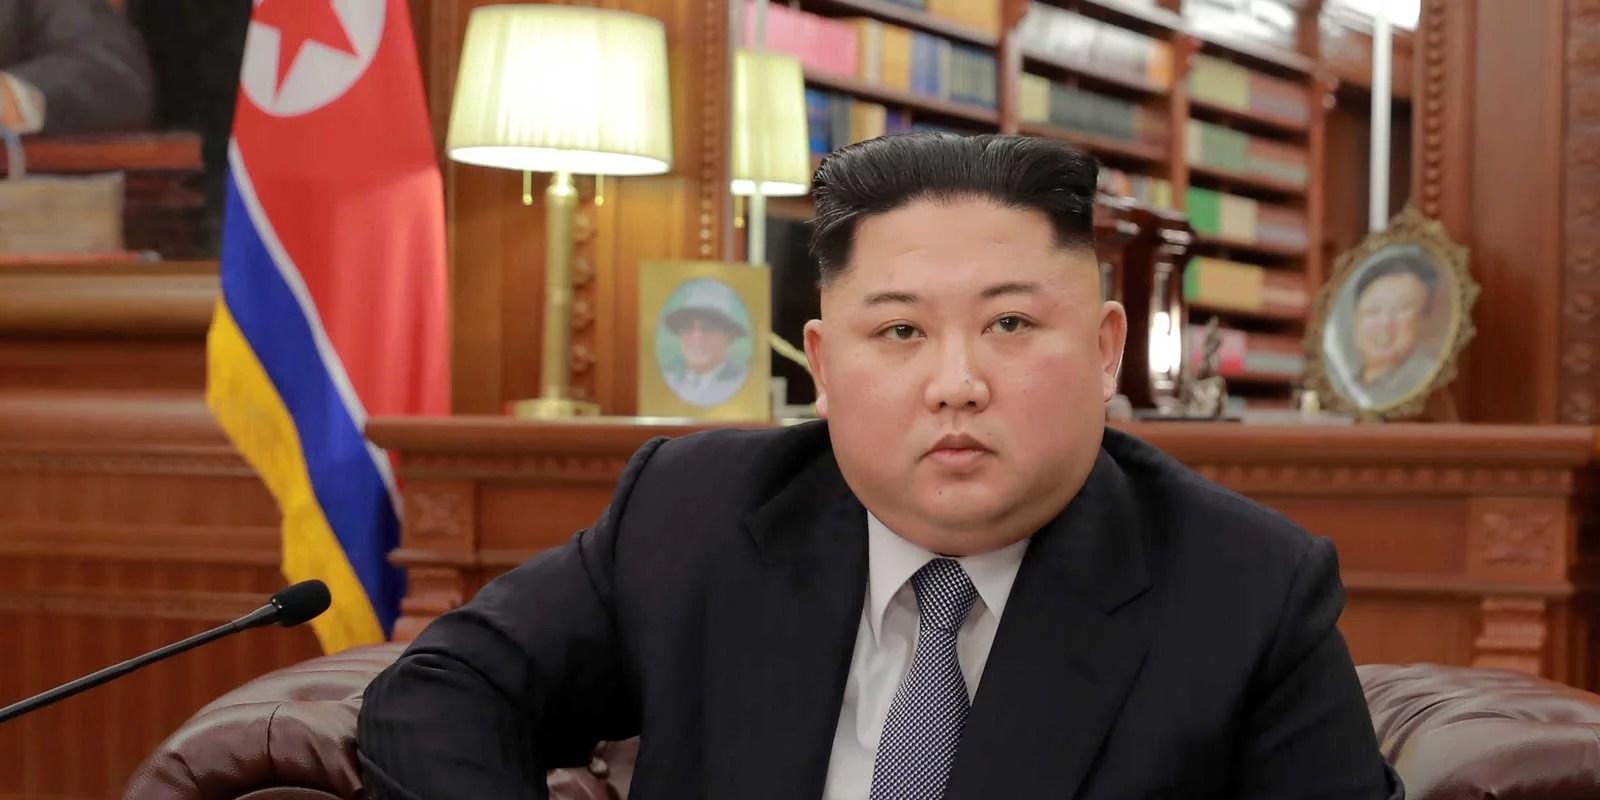 Corea del Norte hackers de criptomonedas